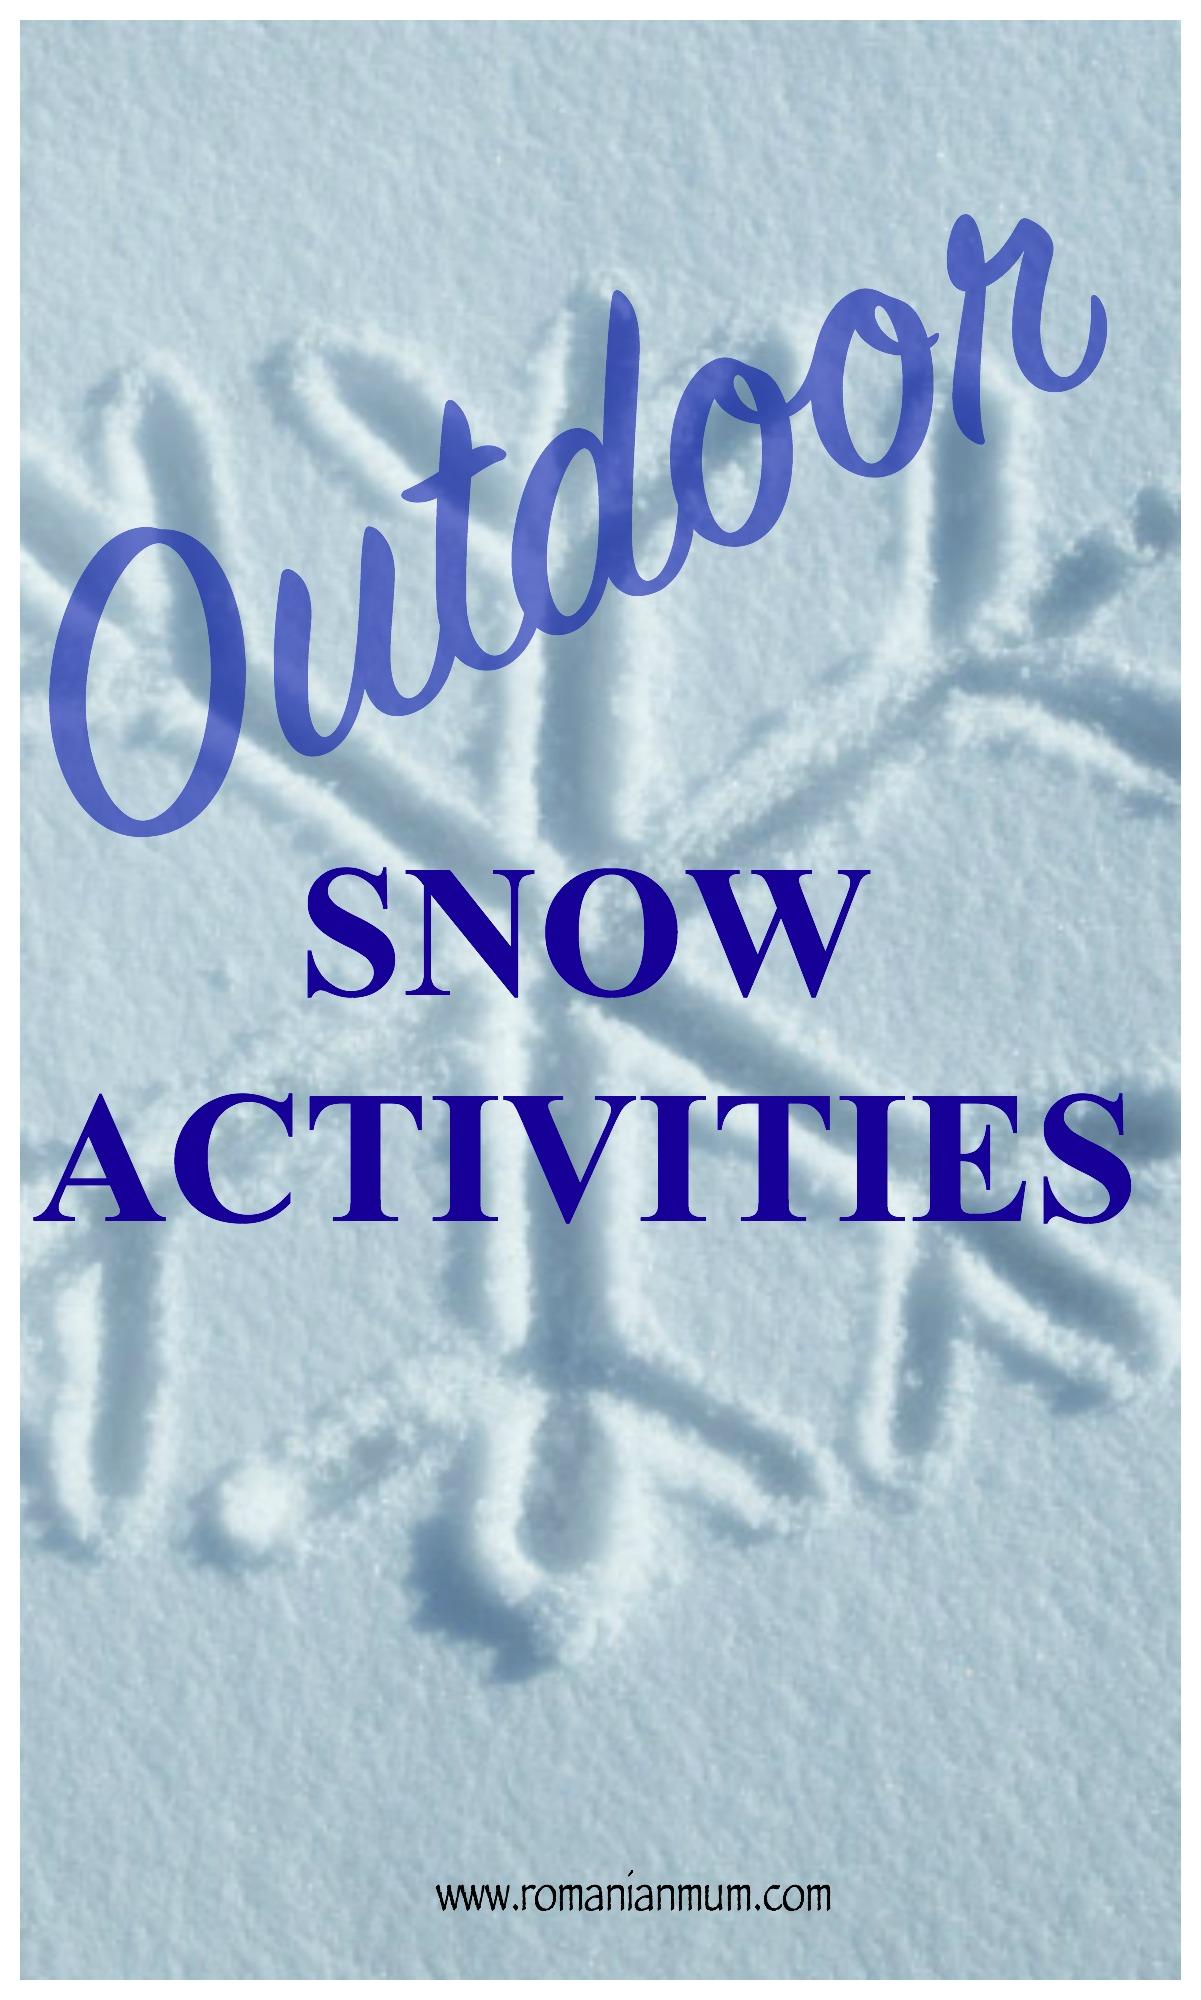 Outdoor Snow Activities